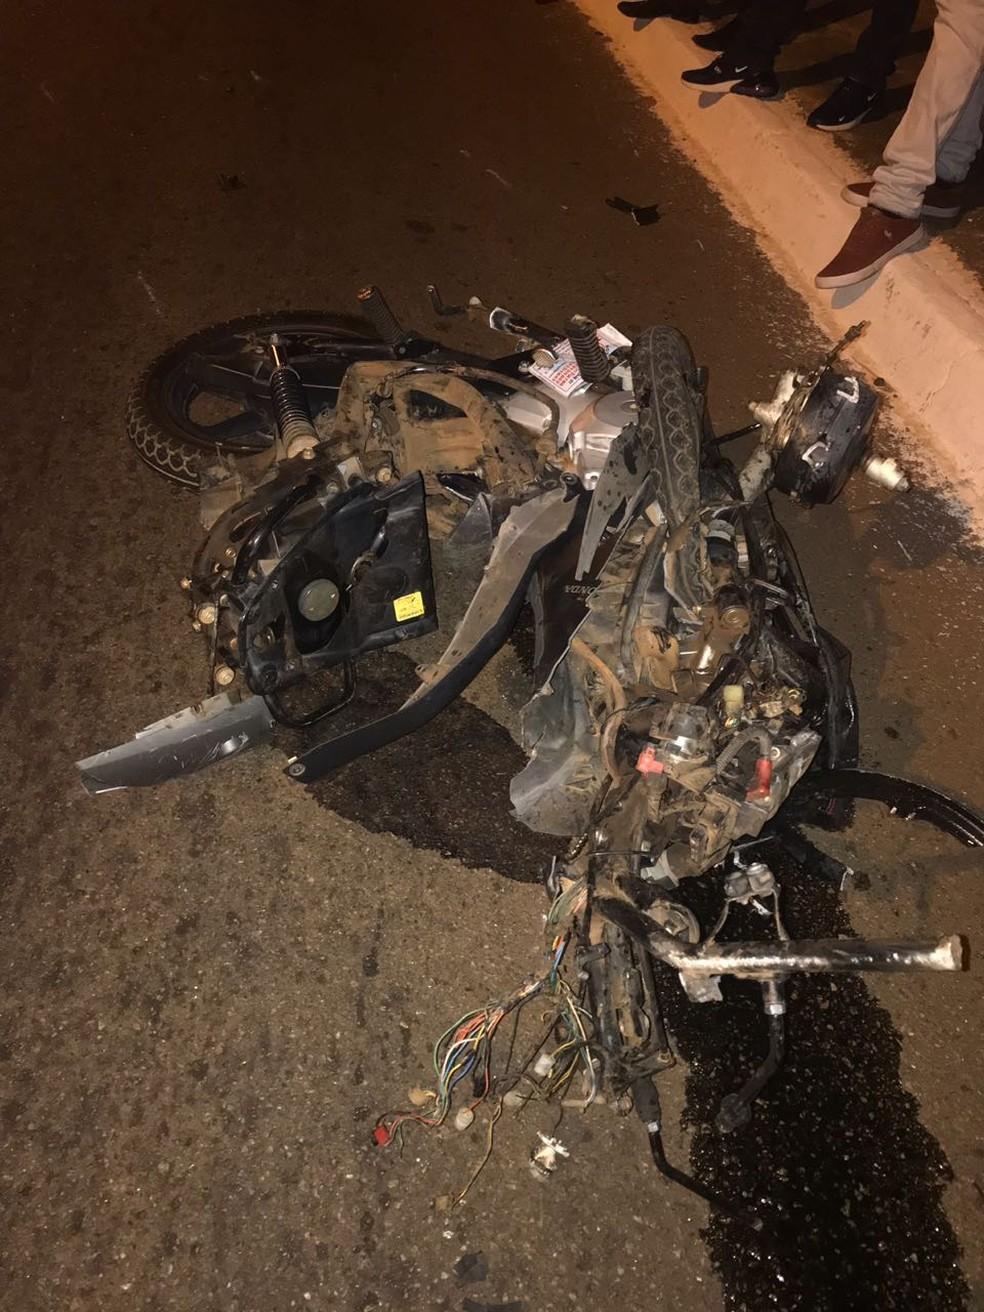 Motocicleta ficou destruída após bater em carro (Foto: Divulgação)